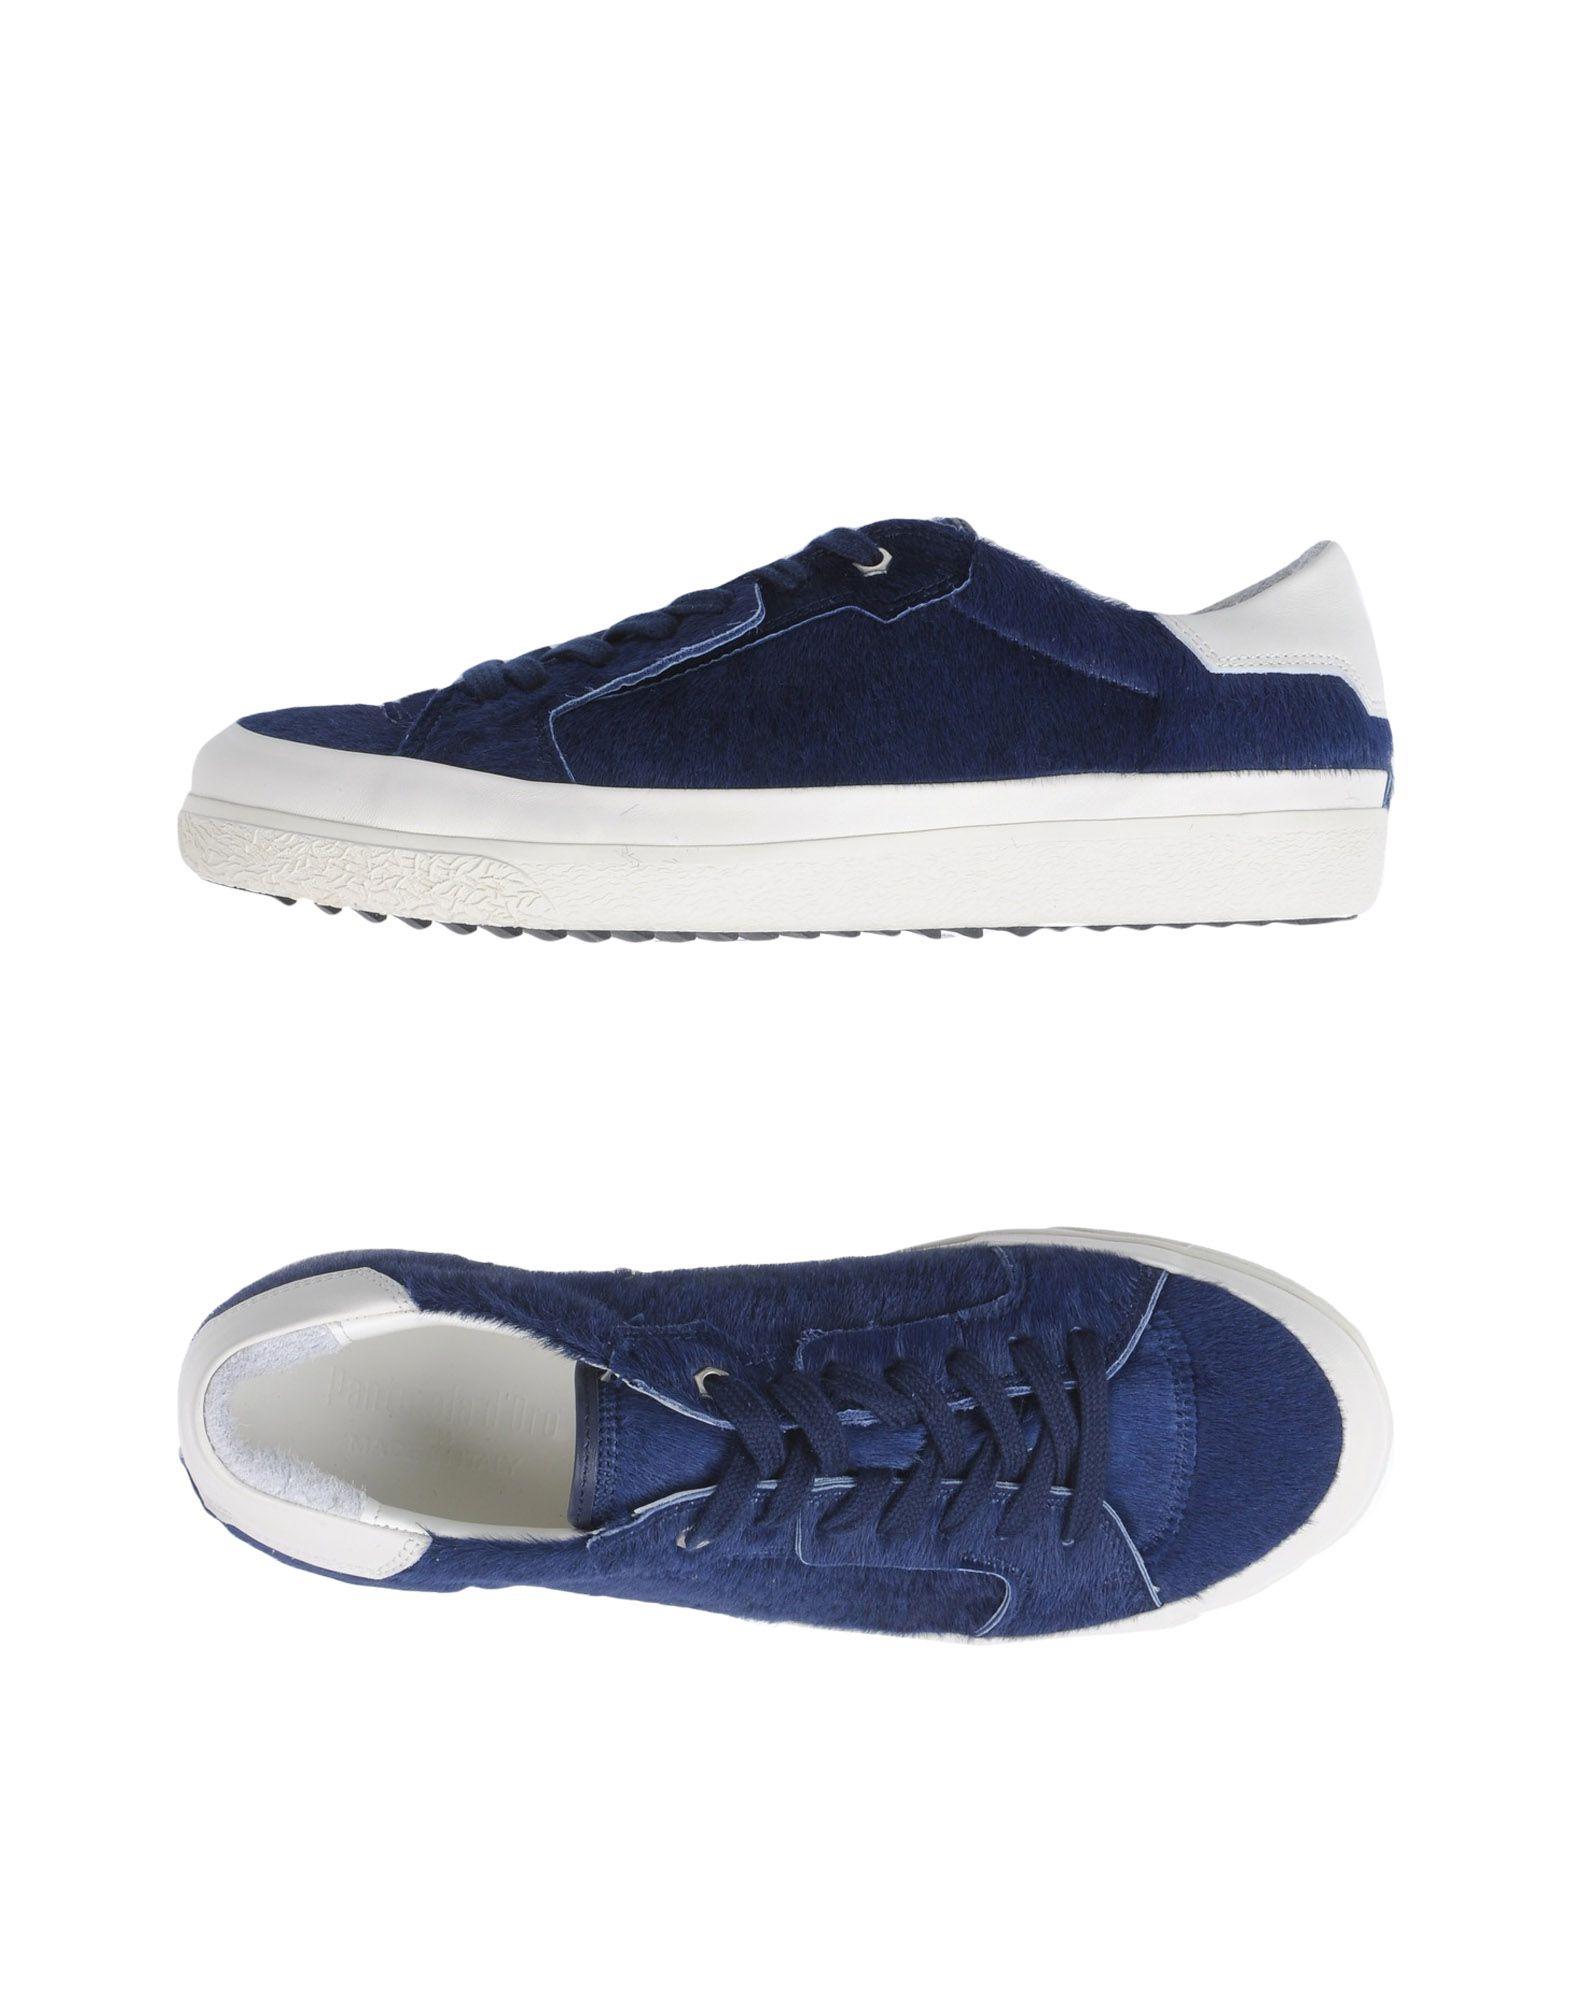 Sneakers Pantofola D'oro Homme - Sneakers Pantofola D'oro  Bleu foncé Dernières chaussures discount pour hommes et femmes